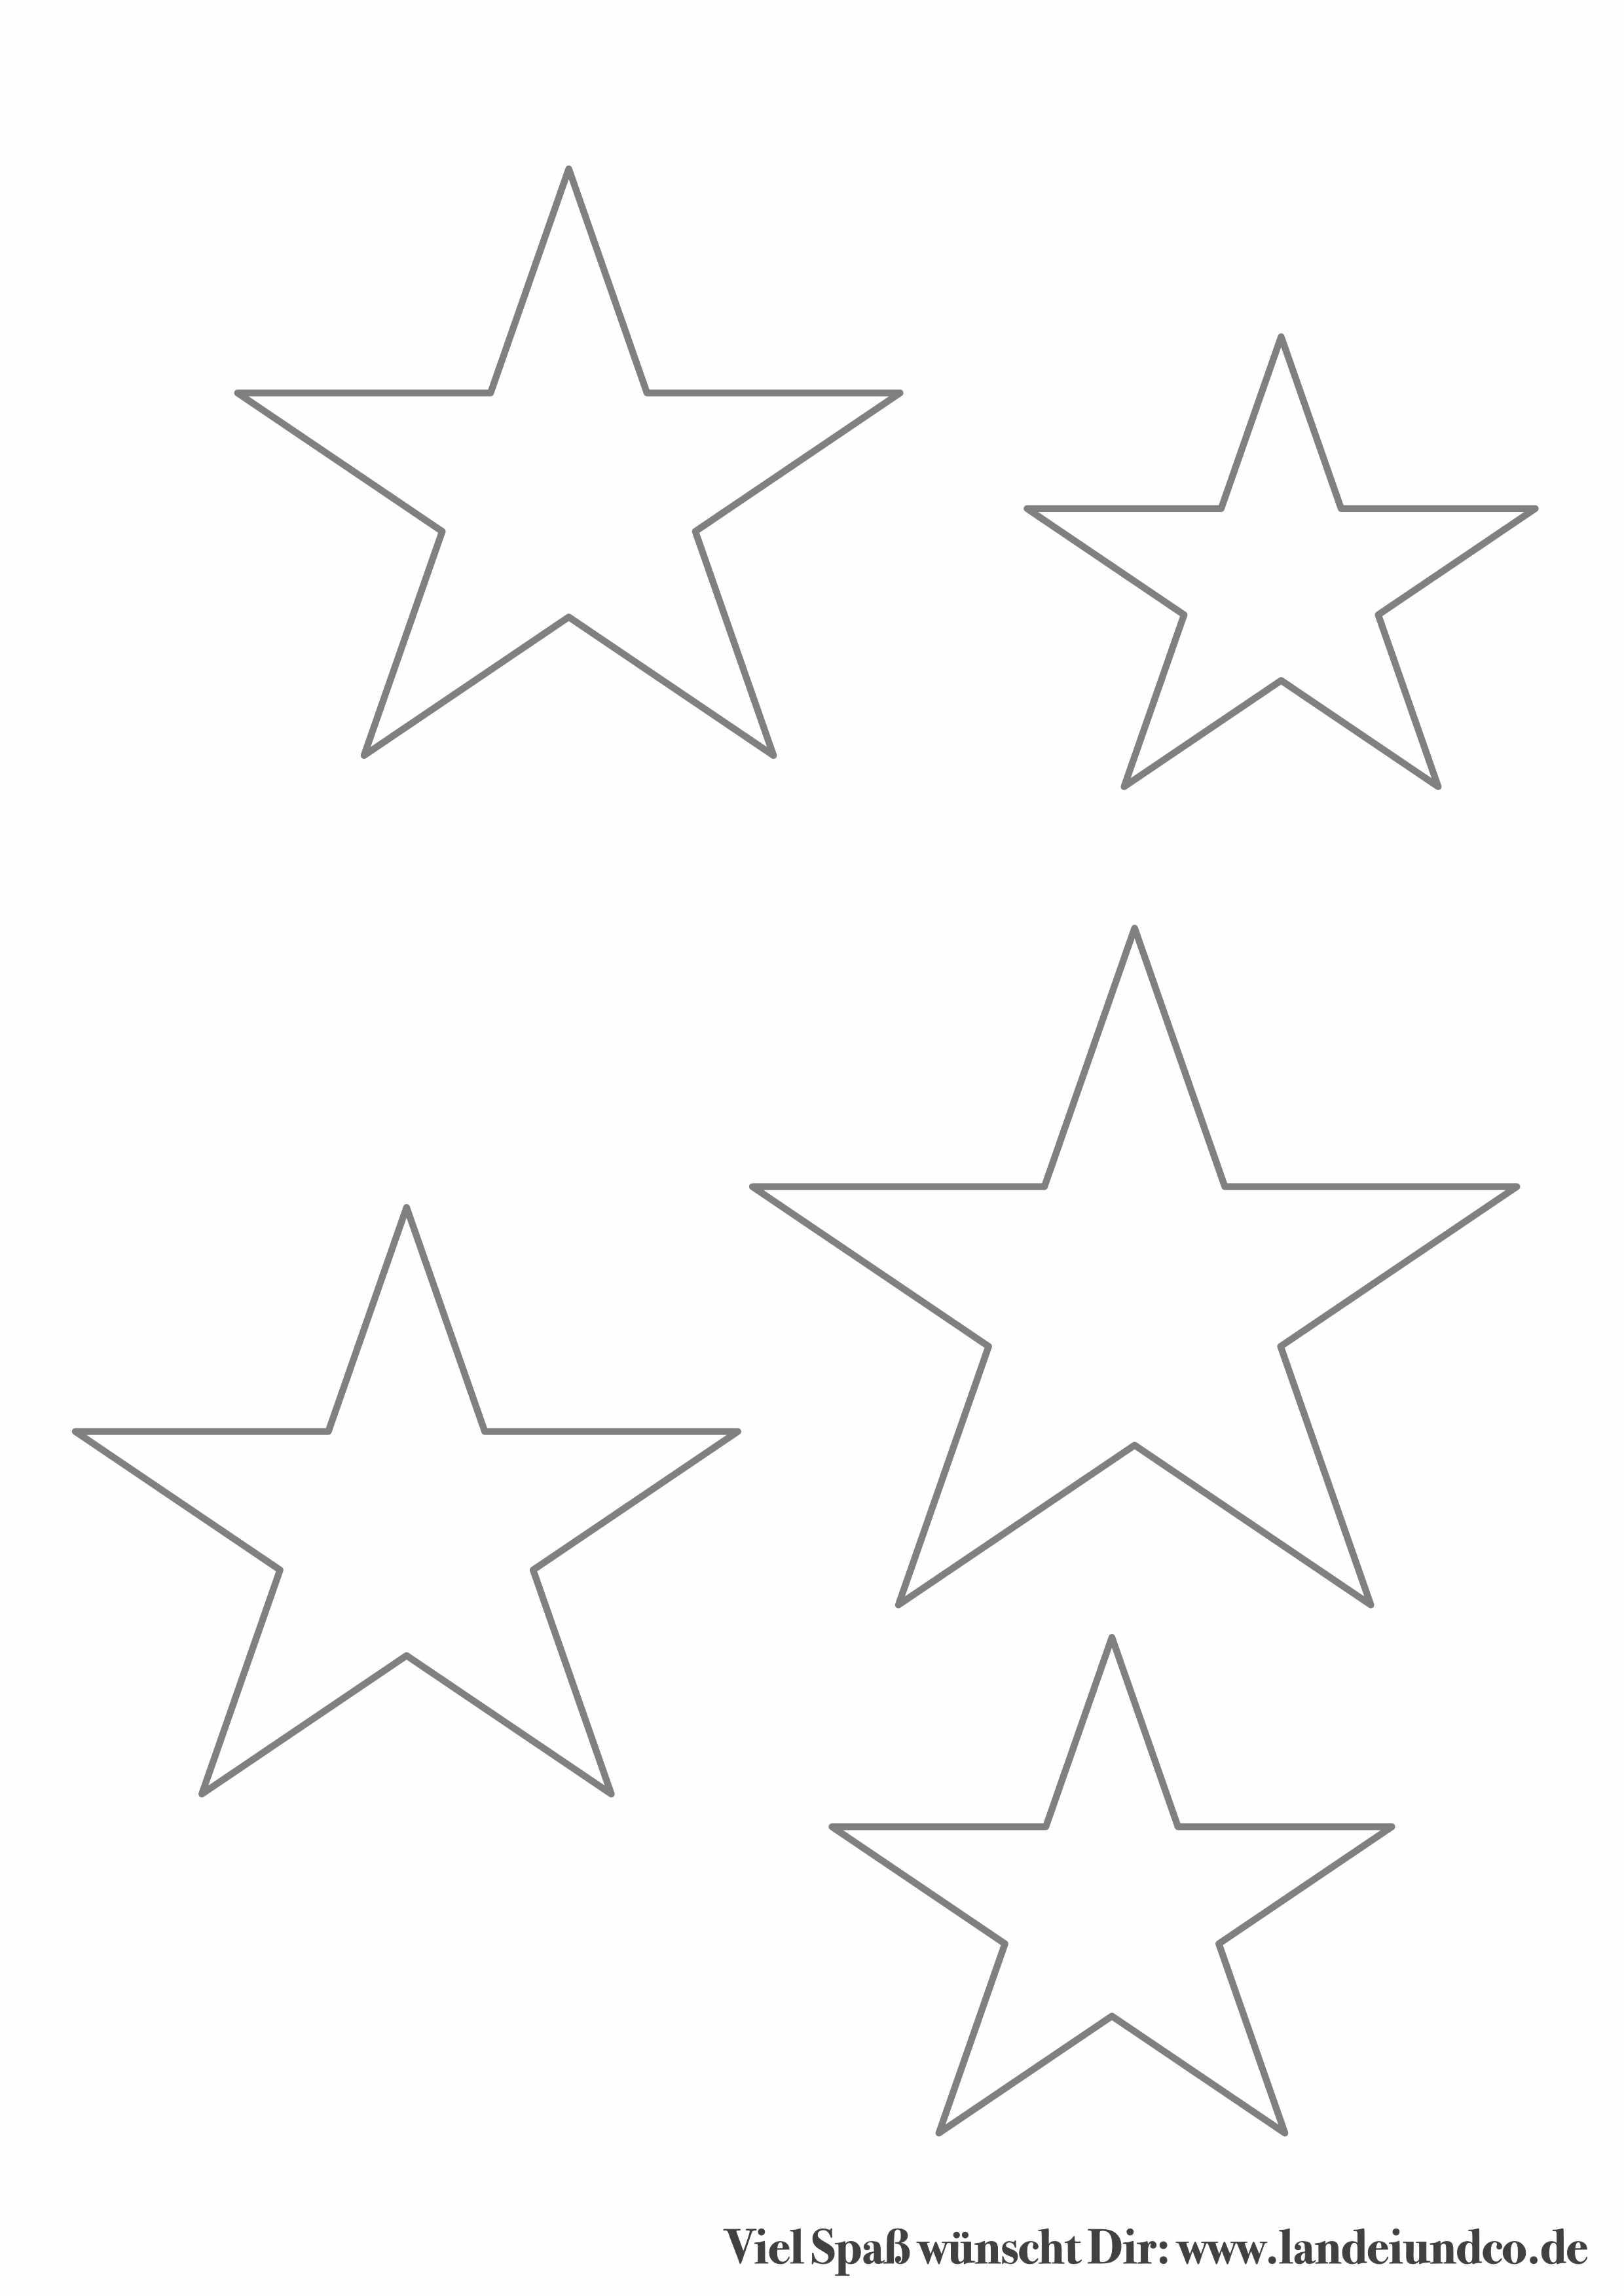 Groß Sterne Vorlage Ausdrucken Zeitgenössisch - Entry Level Resume ...